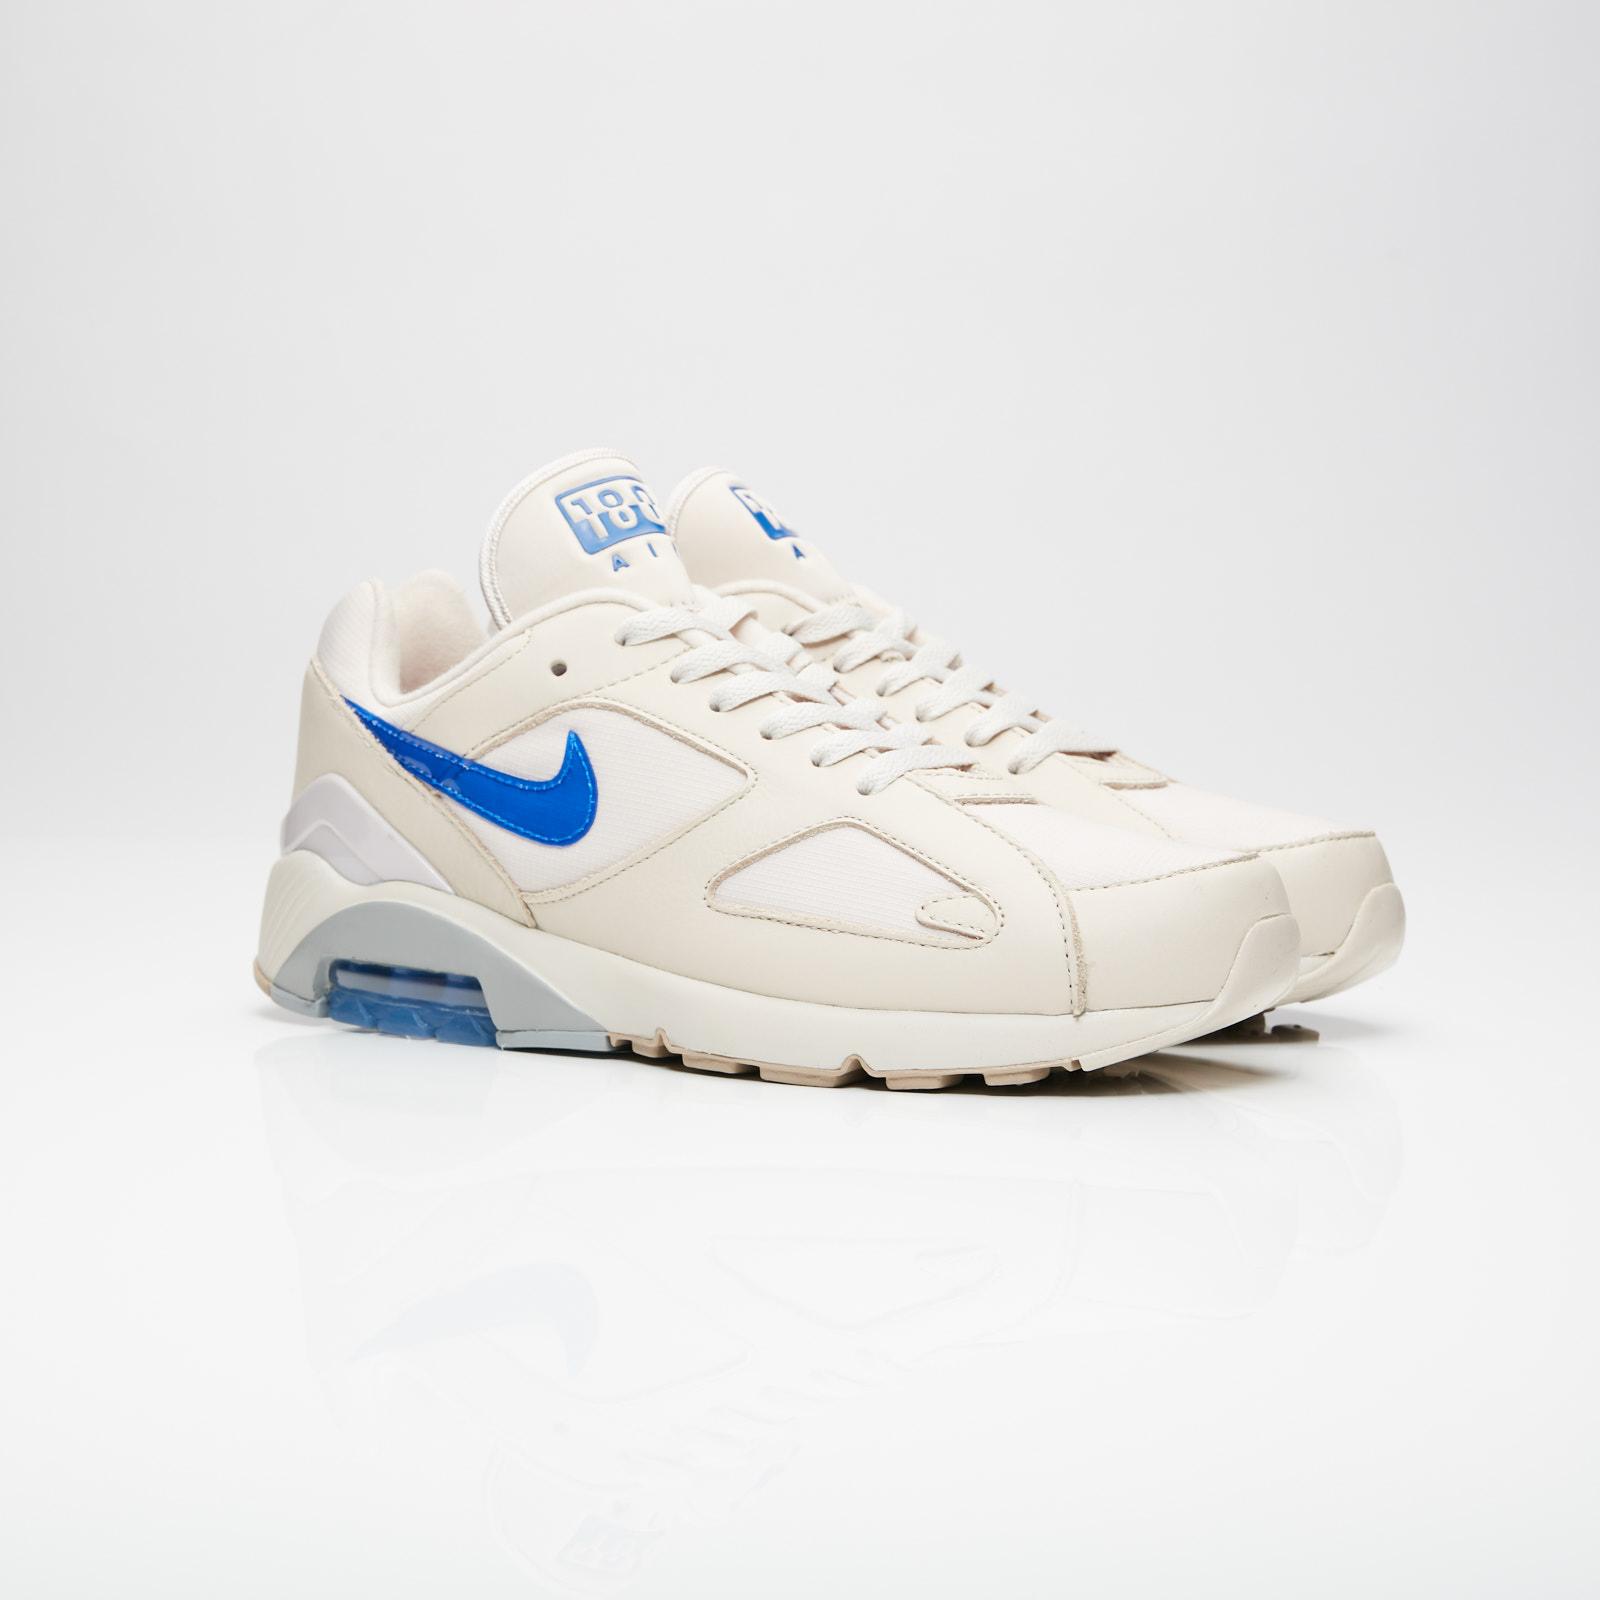 9c2a8c7d327a8f Nike Air Max 180 - Aq9974-002 - Sneakersnstuff